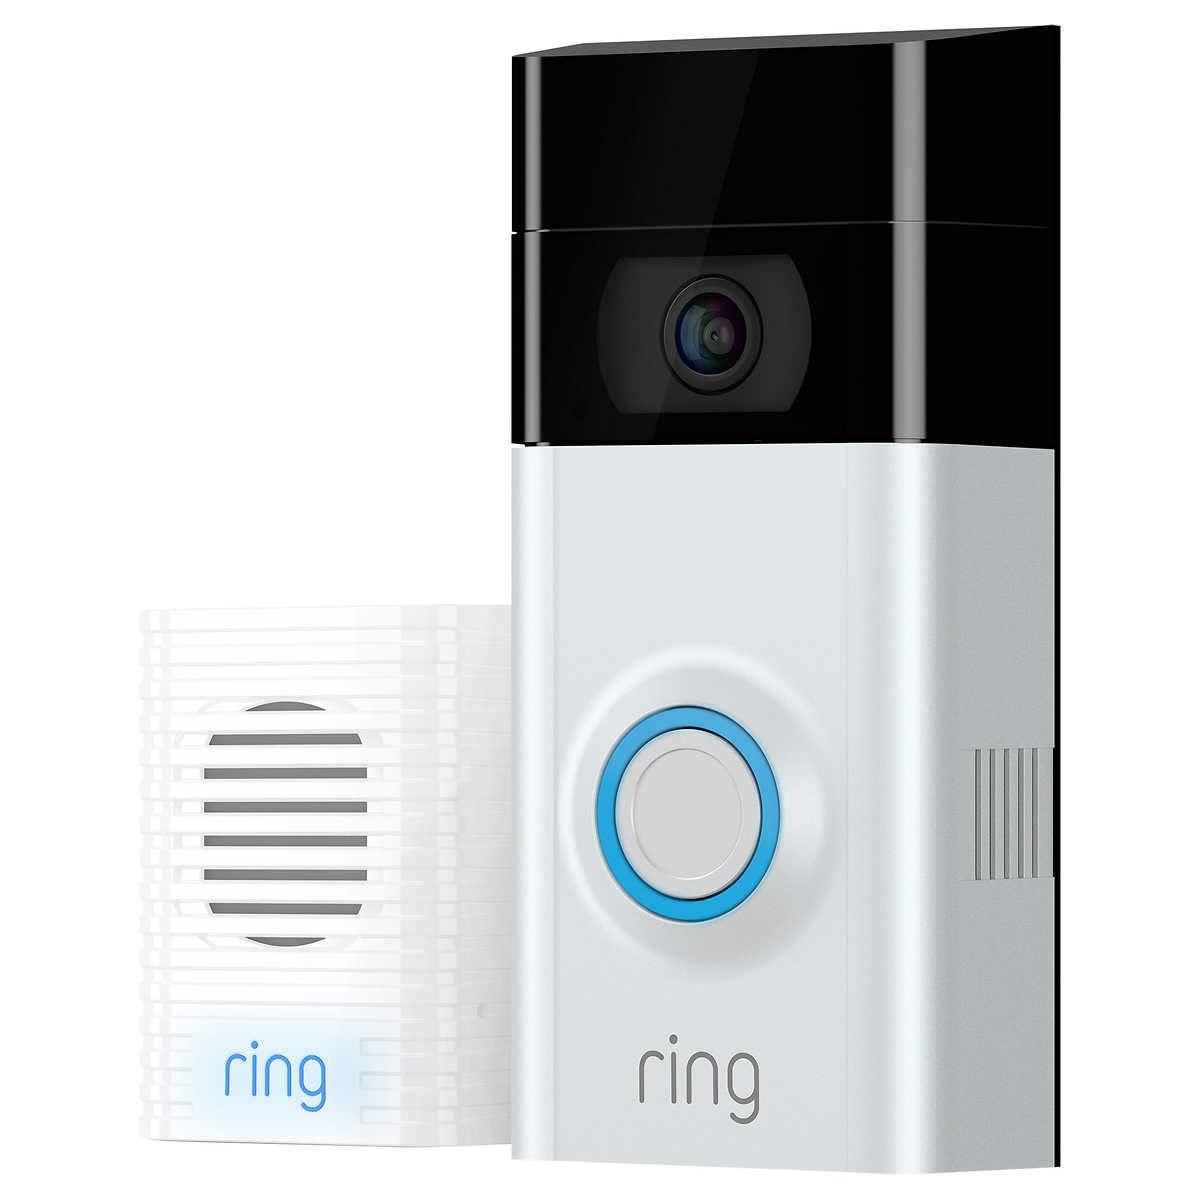 $140 costco ring 2 | TVs | Ring video doorbell, Ring video